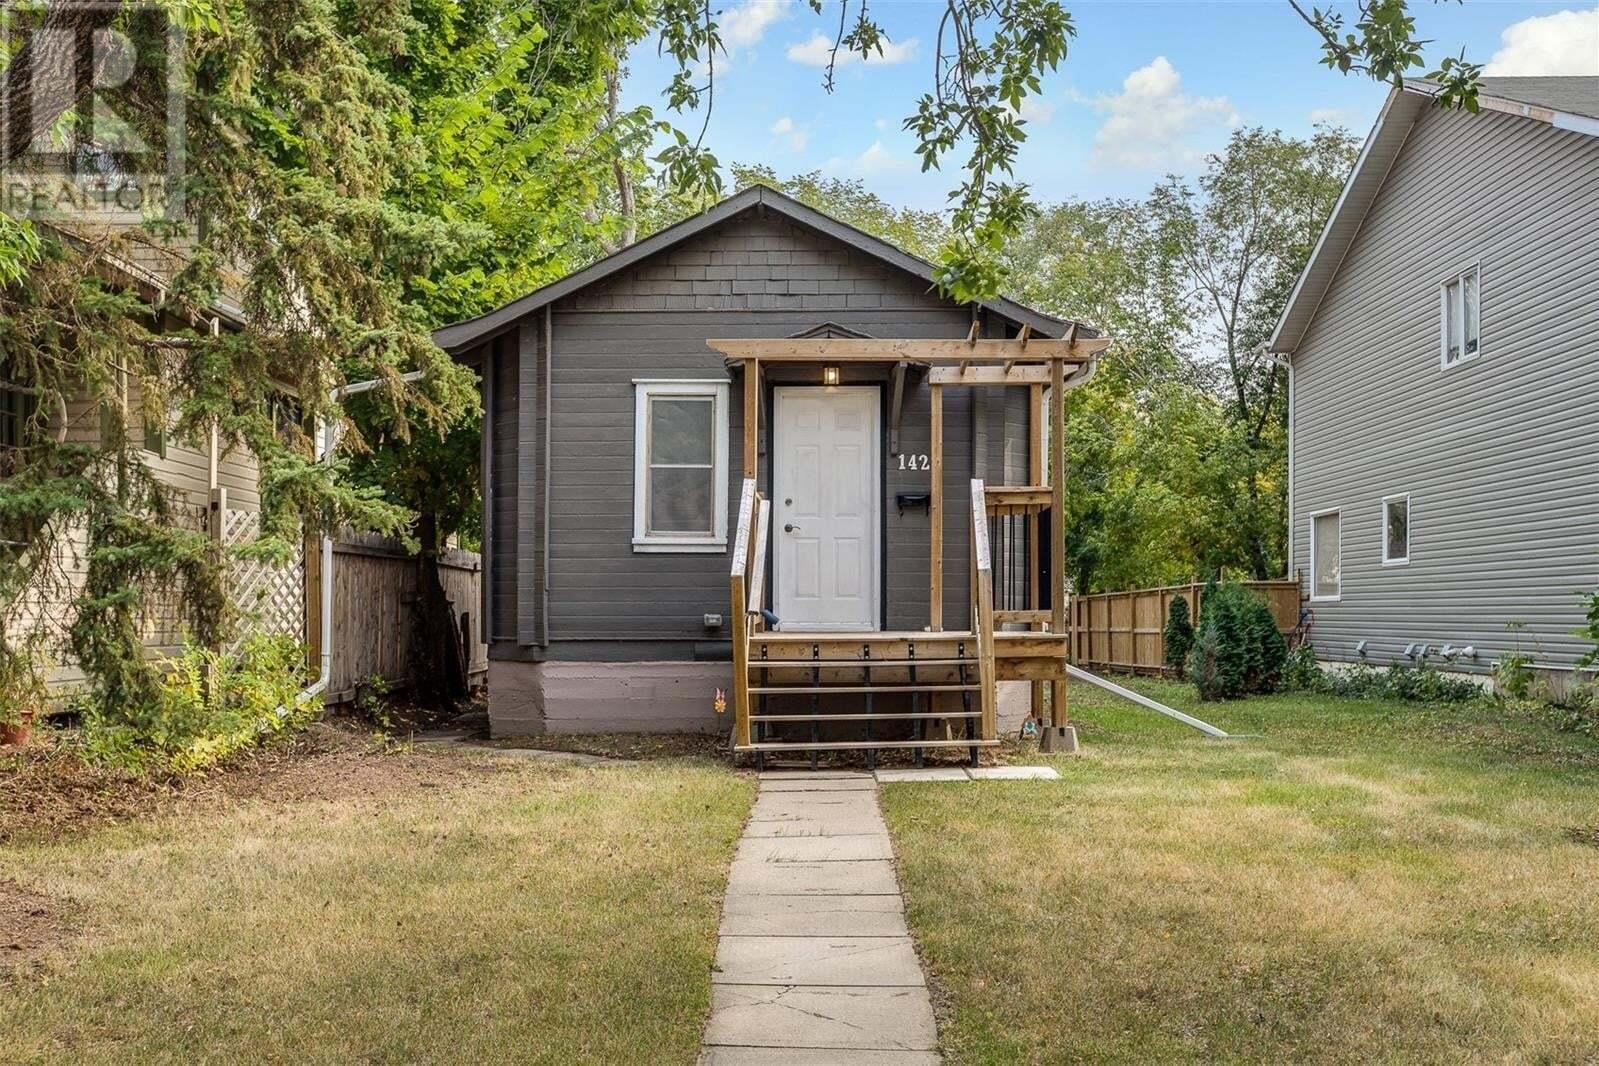 1428 1st Avenue N, Saskatoon | Image 1